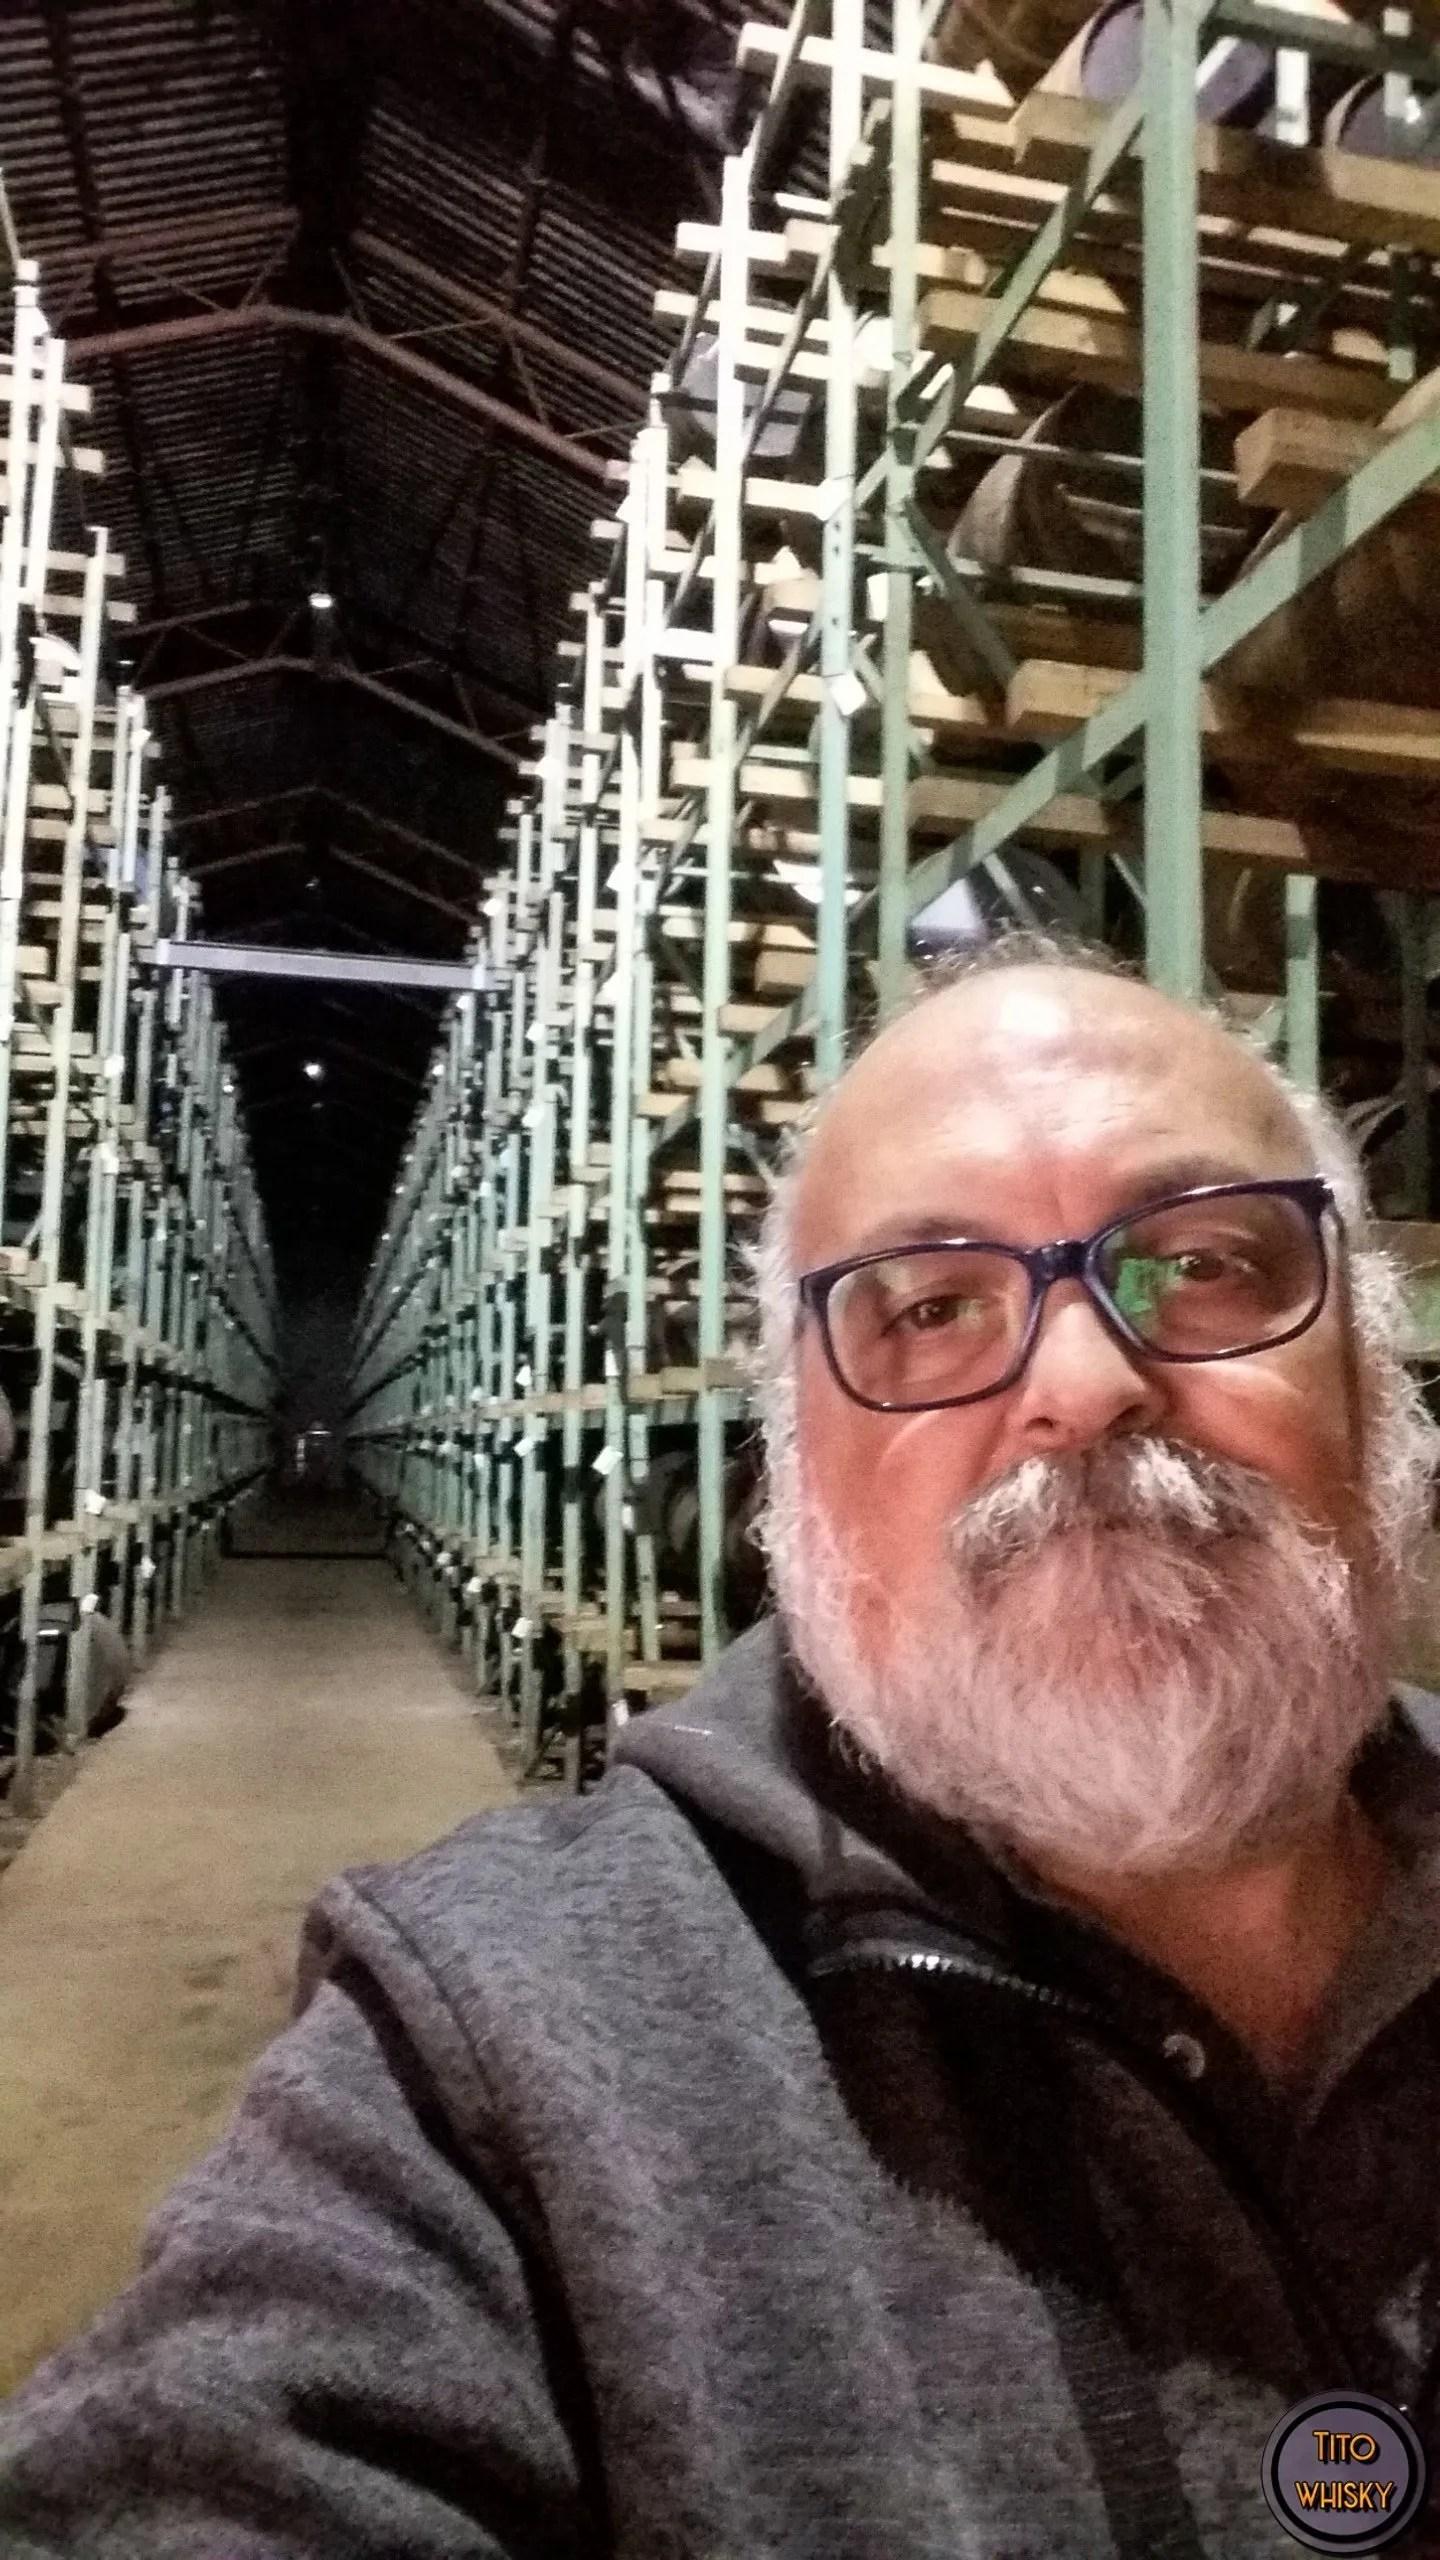 Tito en la destilería Tomatin